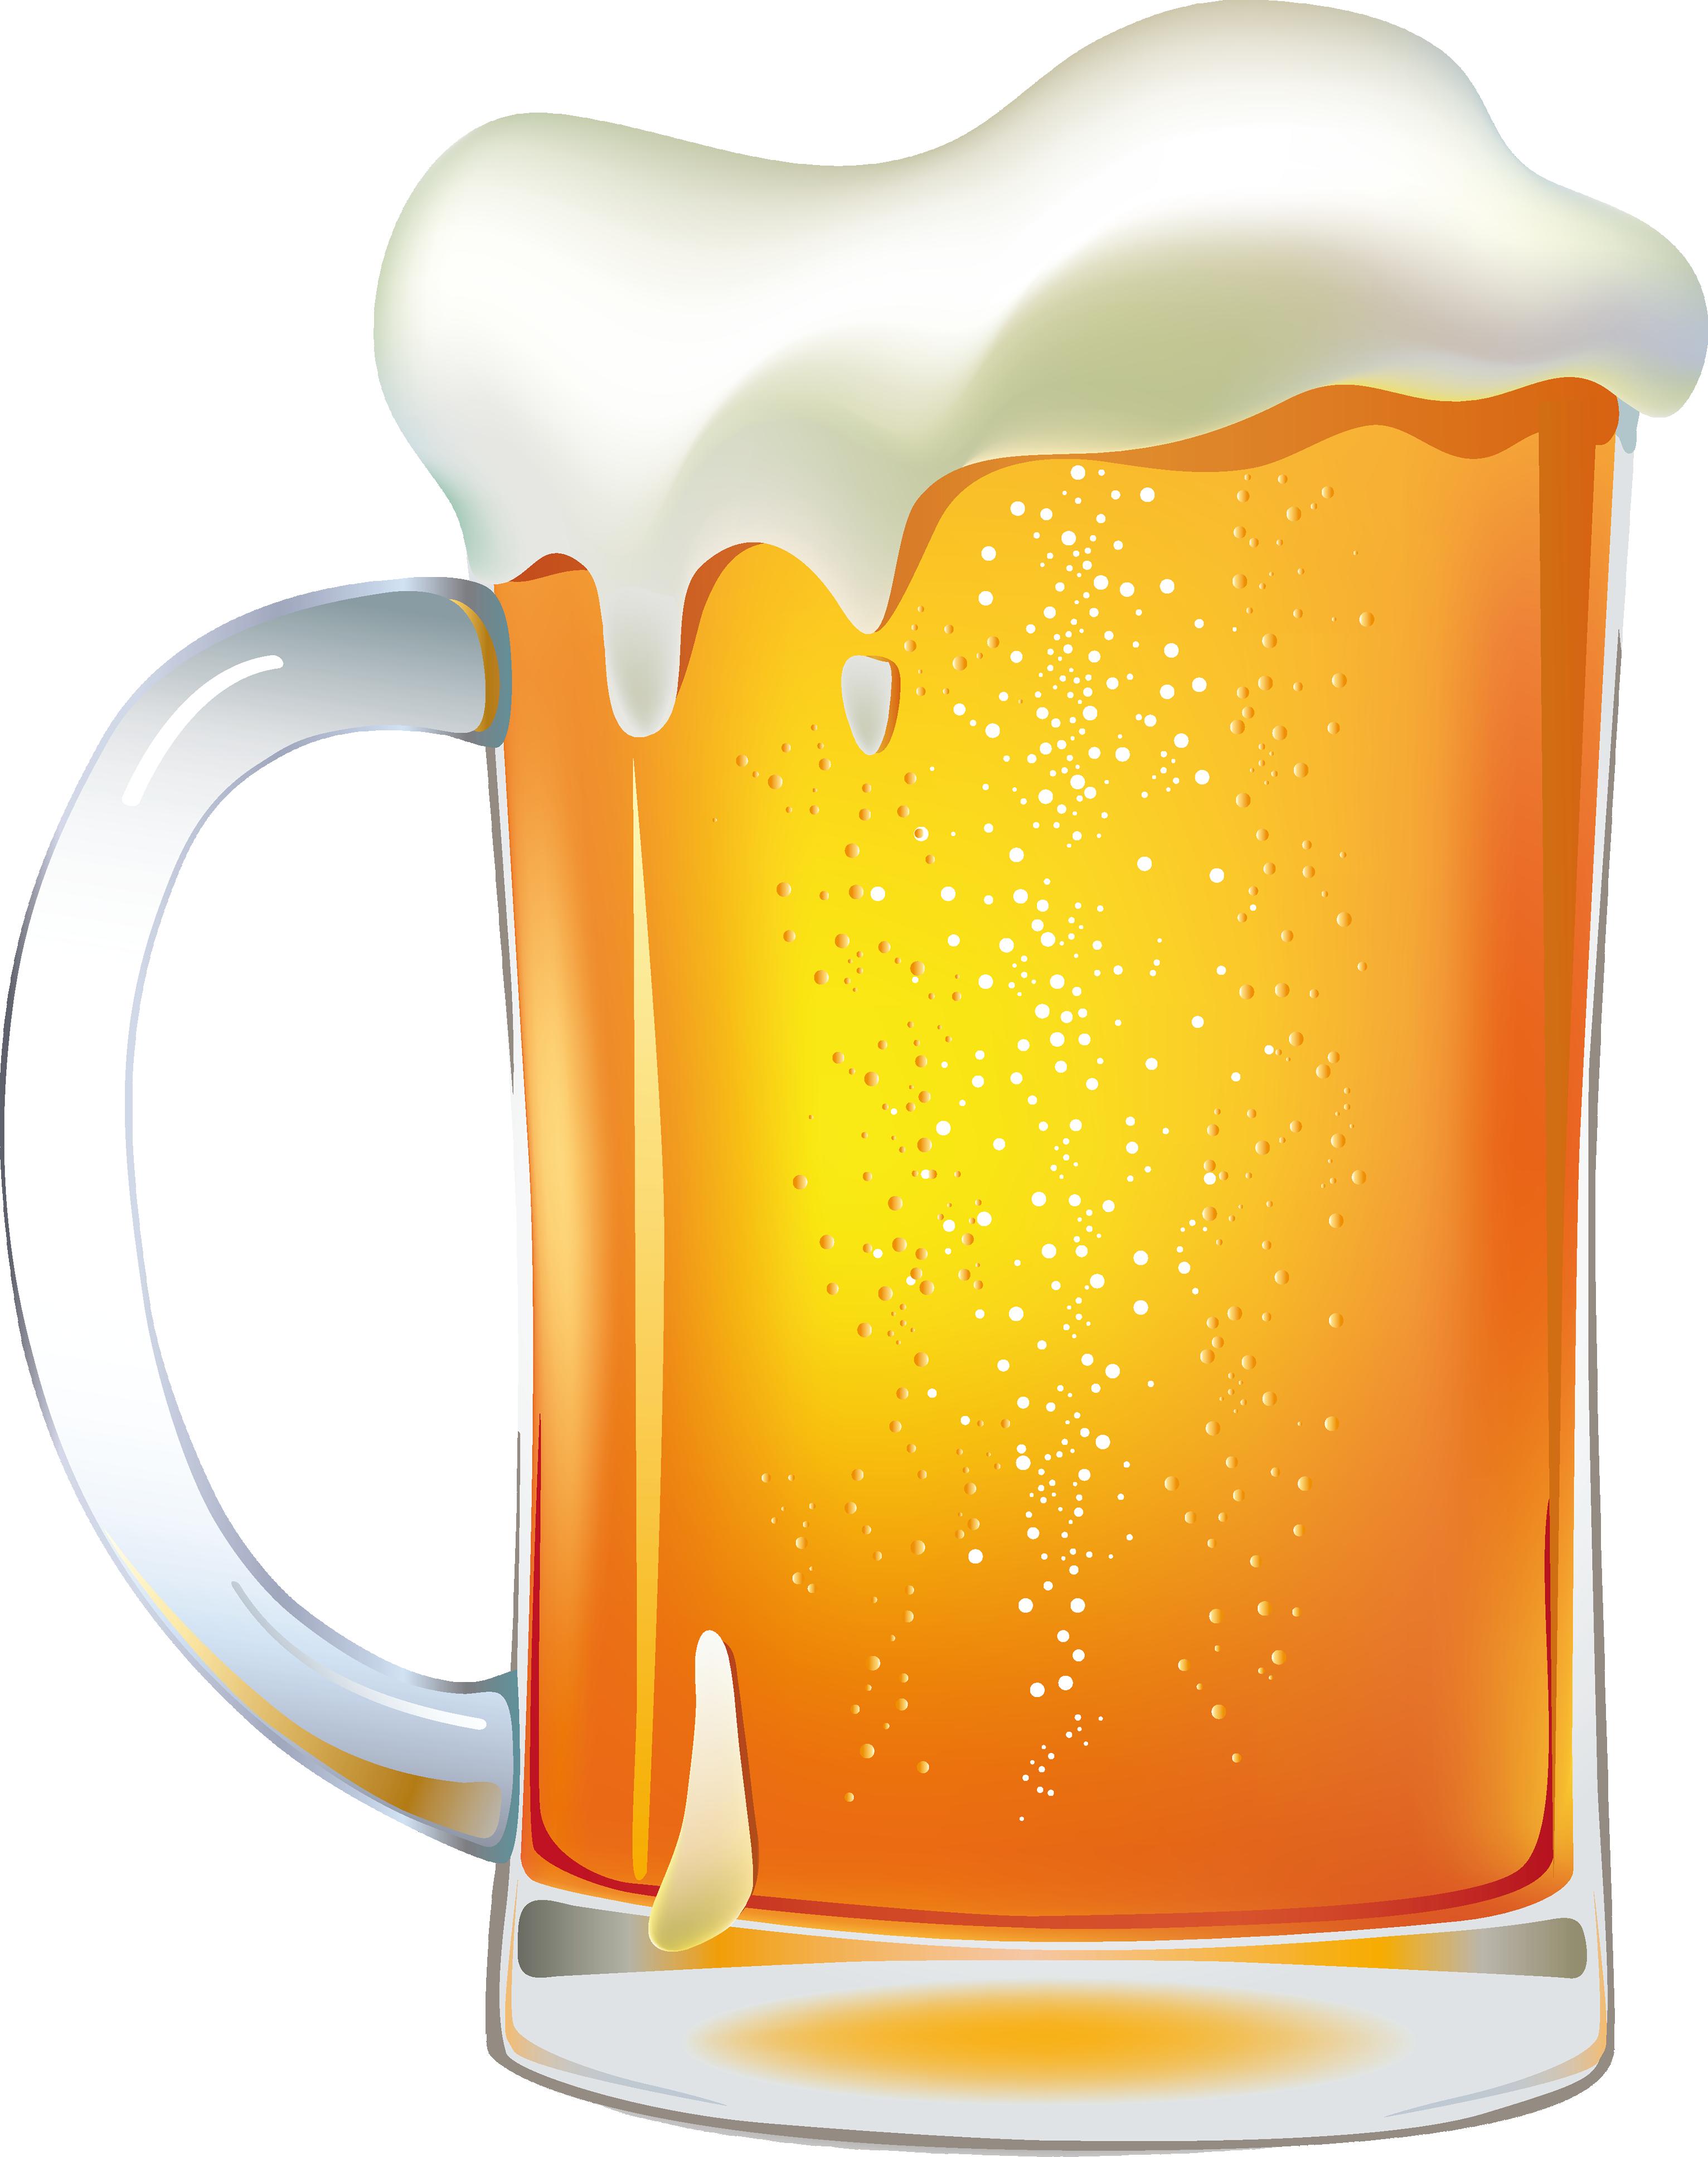 Pin De Kushalagarwal Em Oktoberfest 2016 Caneca De Cerveja Comida De Boteco Copo De Cerveja